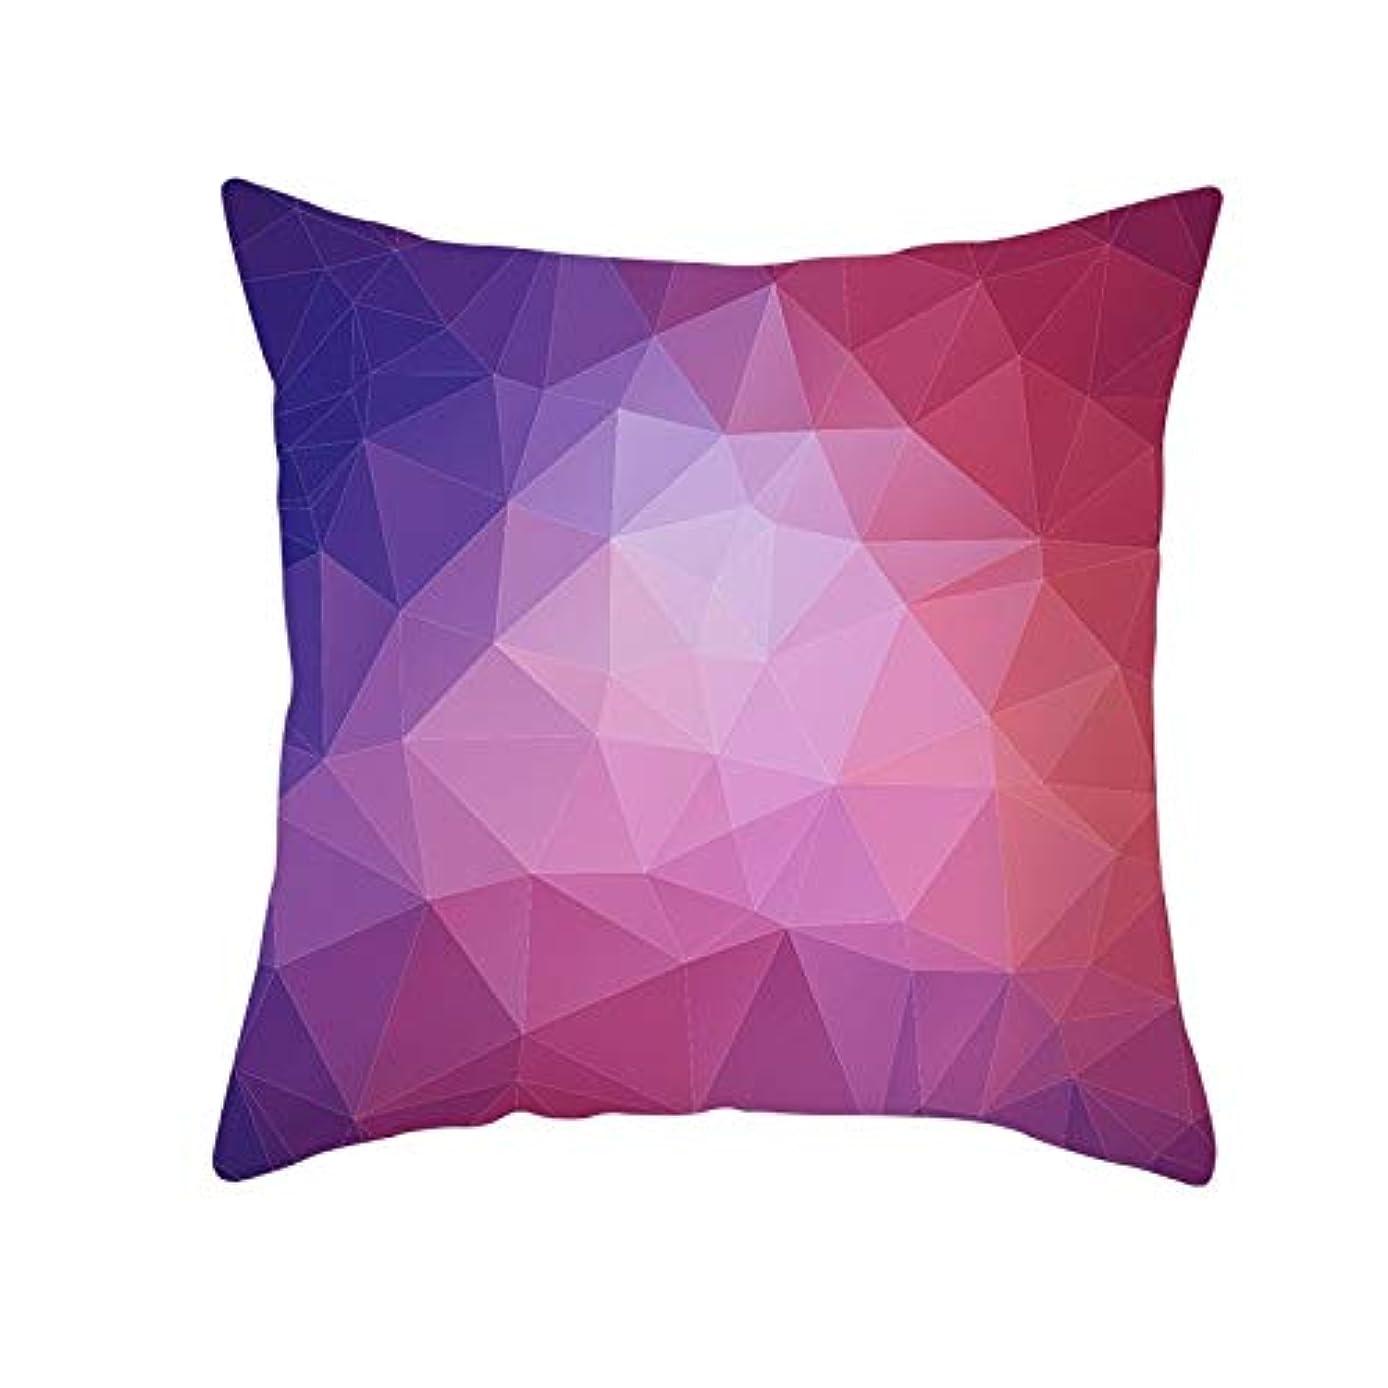 孤独な行う流用するLIFE 装飾クッションソファ 幾何学プリントポリエステル正方形の枕ソファスロークッション家の装飾 coussin デ長椅子 クッション 椅子